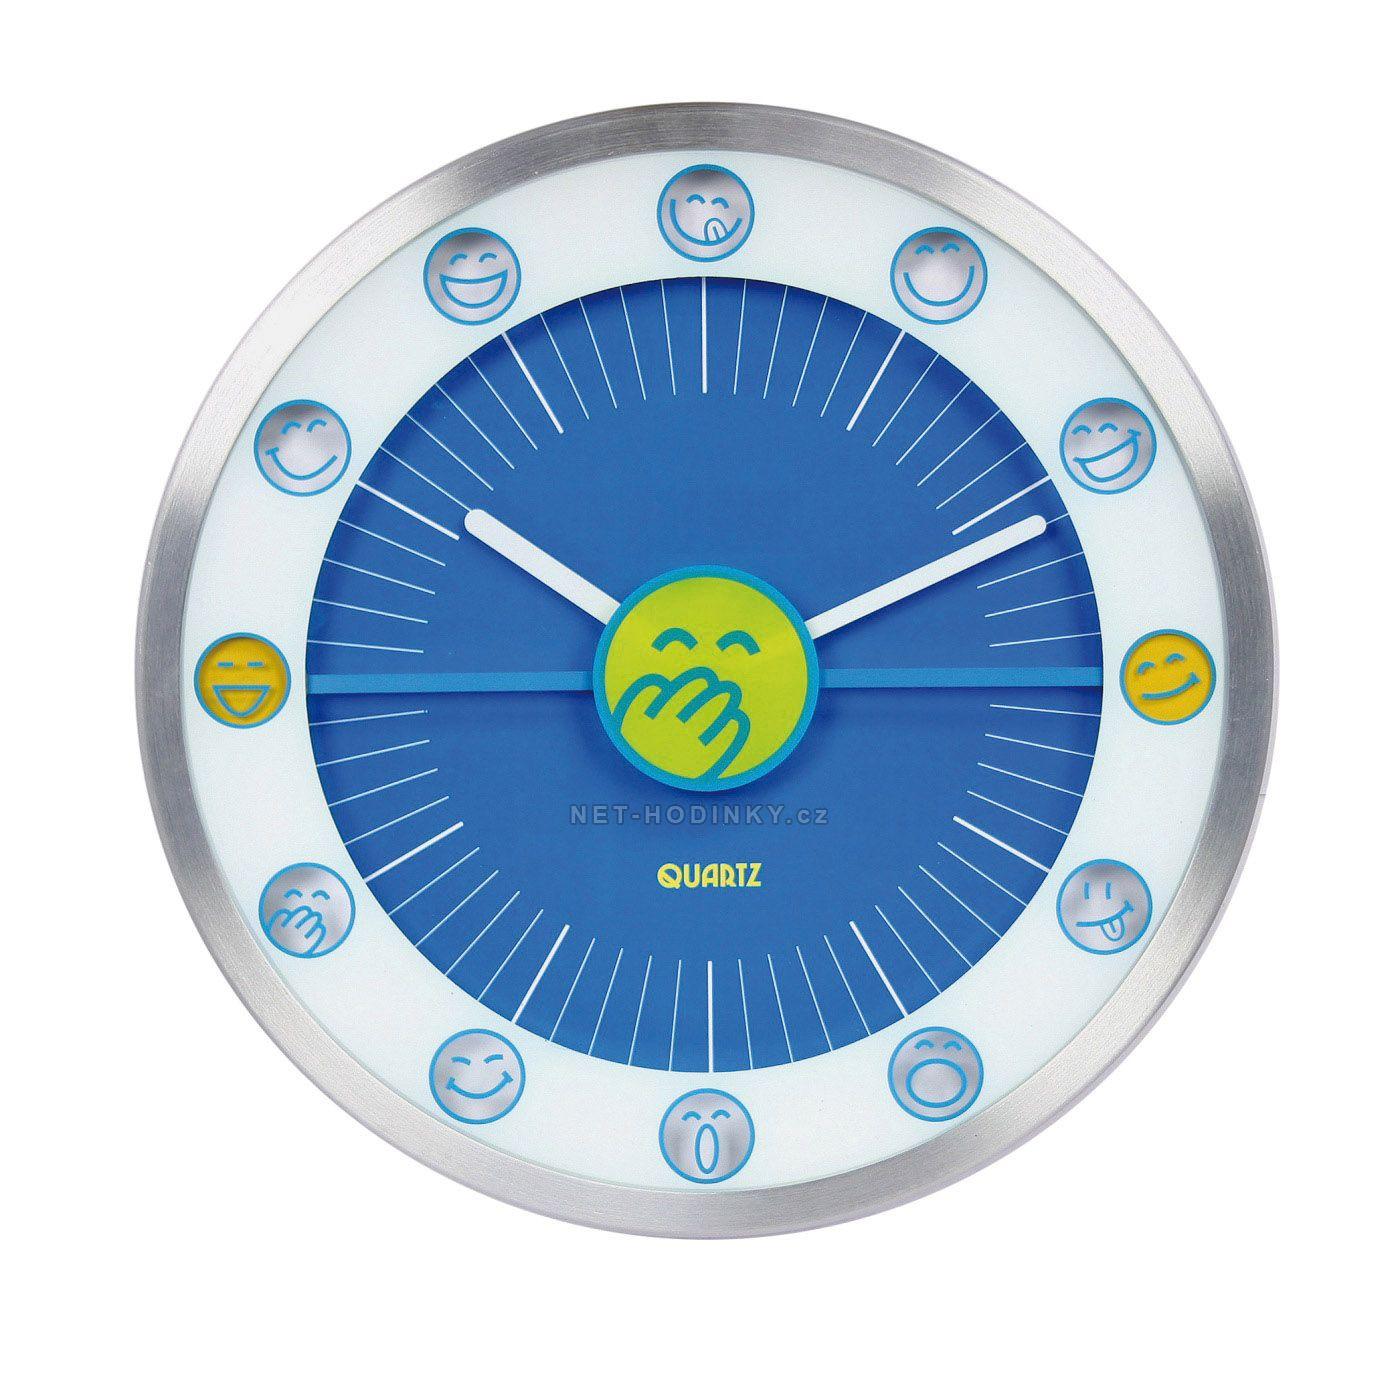 Nástěnné hodiny na stěnu, nástěnné hodiny na zeď, dětské hodiny HDA9007 modrá